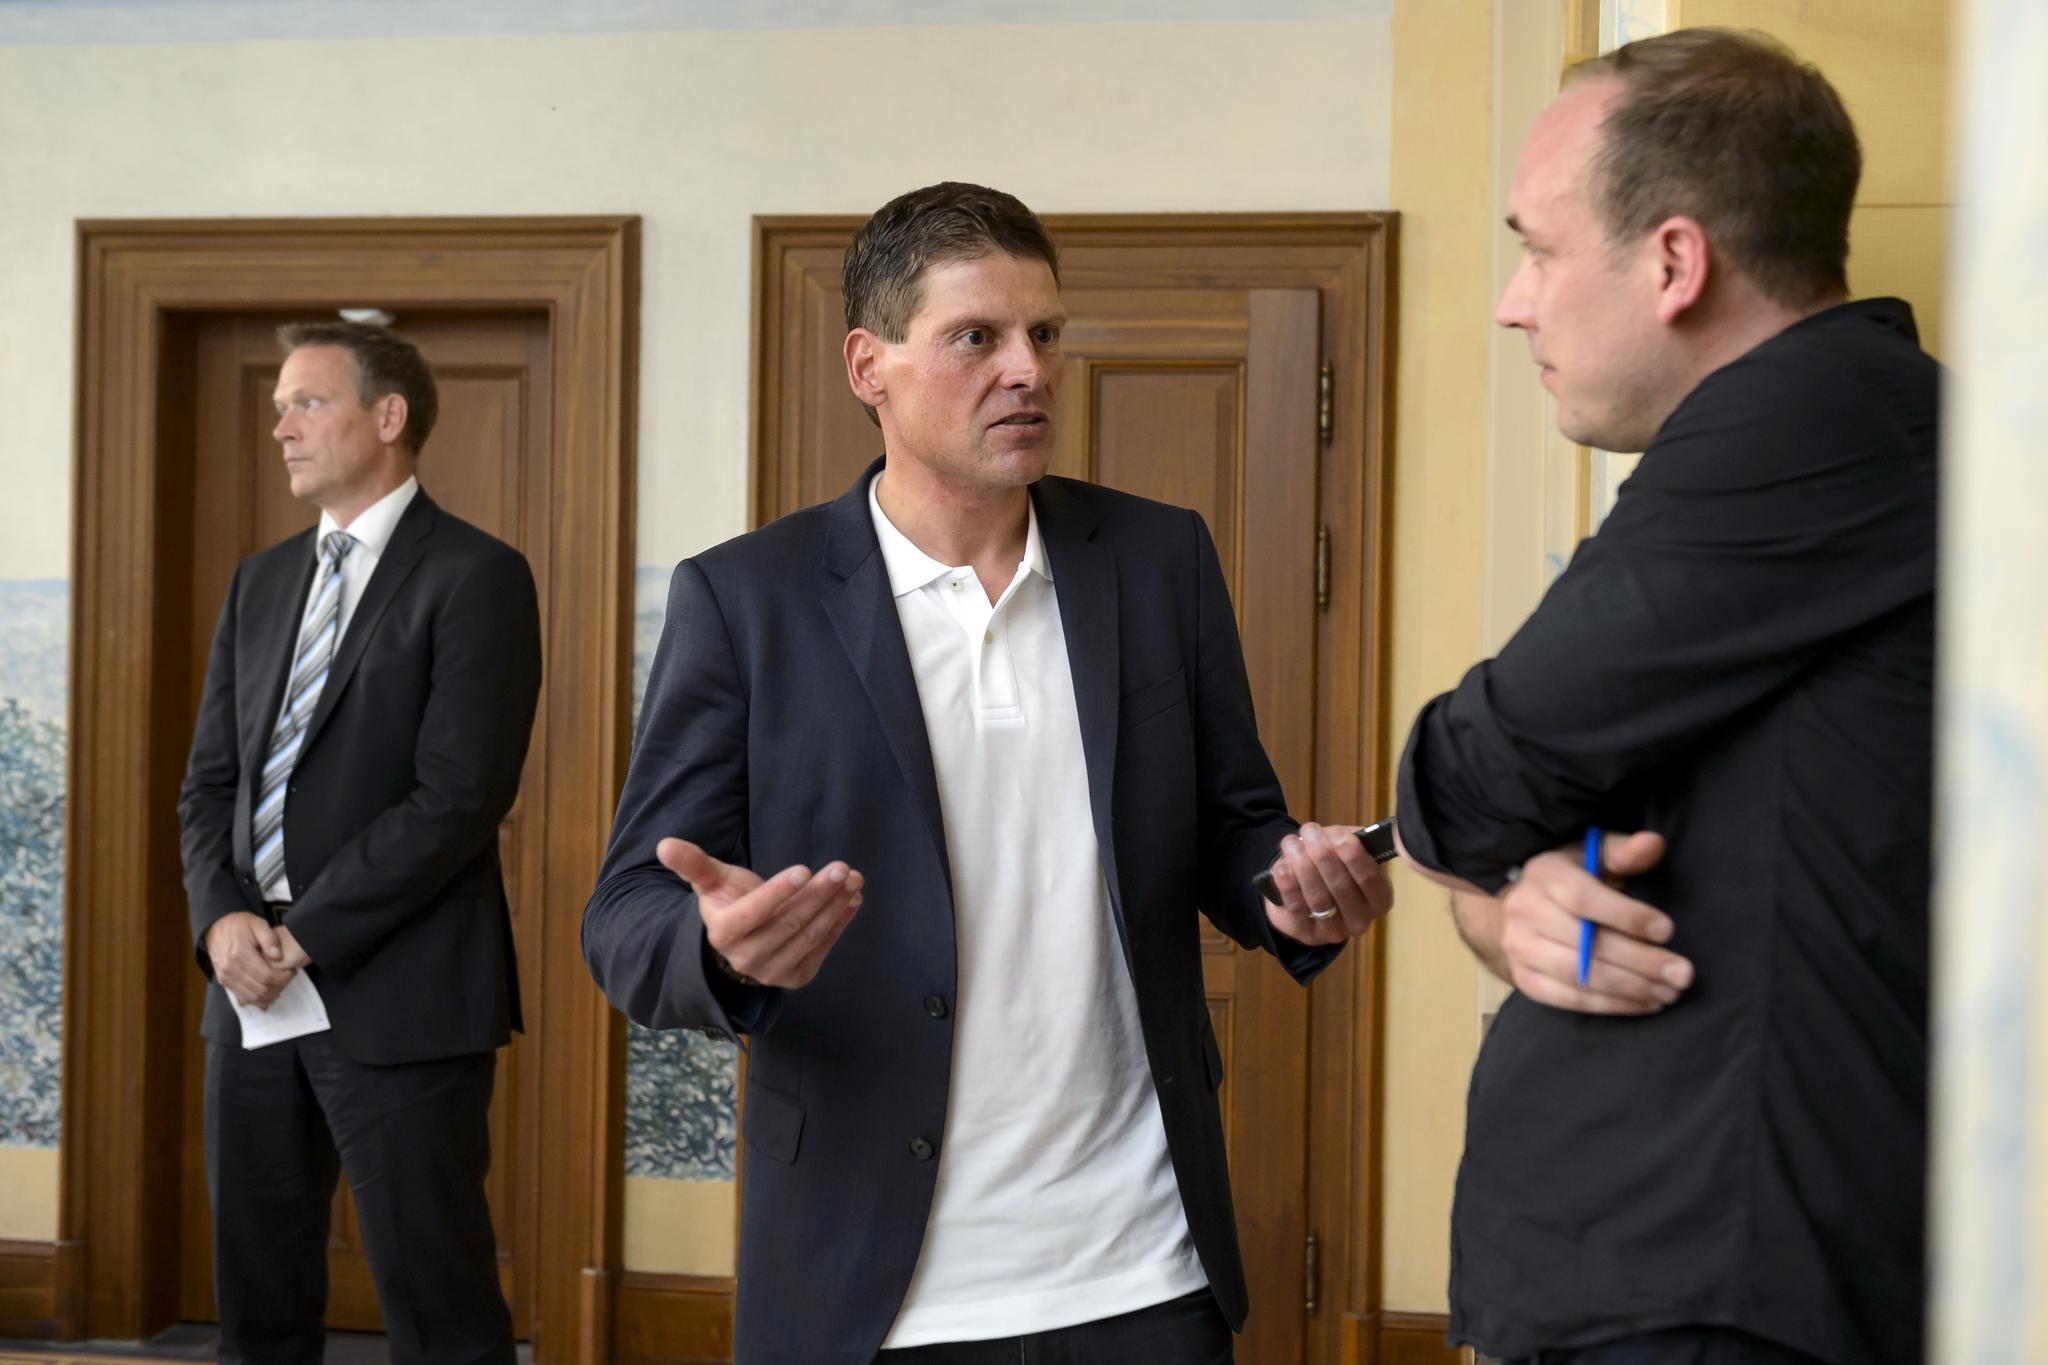 Am Boden: Ex-Radprofi Jan Ullrich hat sich vergangene Woche nach diversen Abstürzen in den Entzug begeben